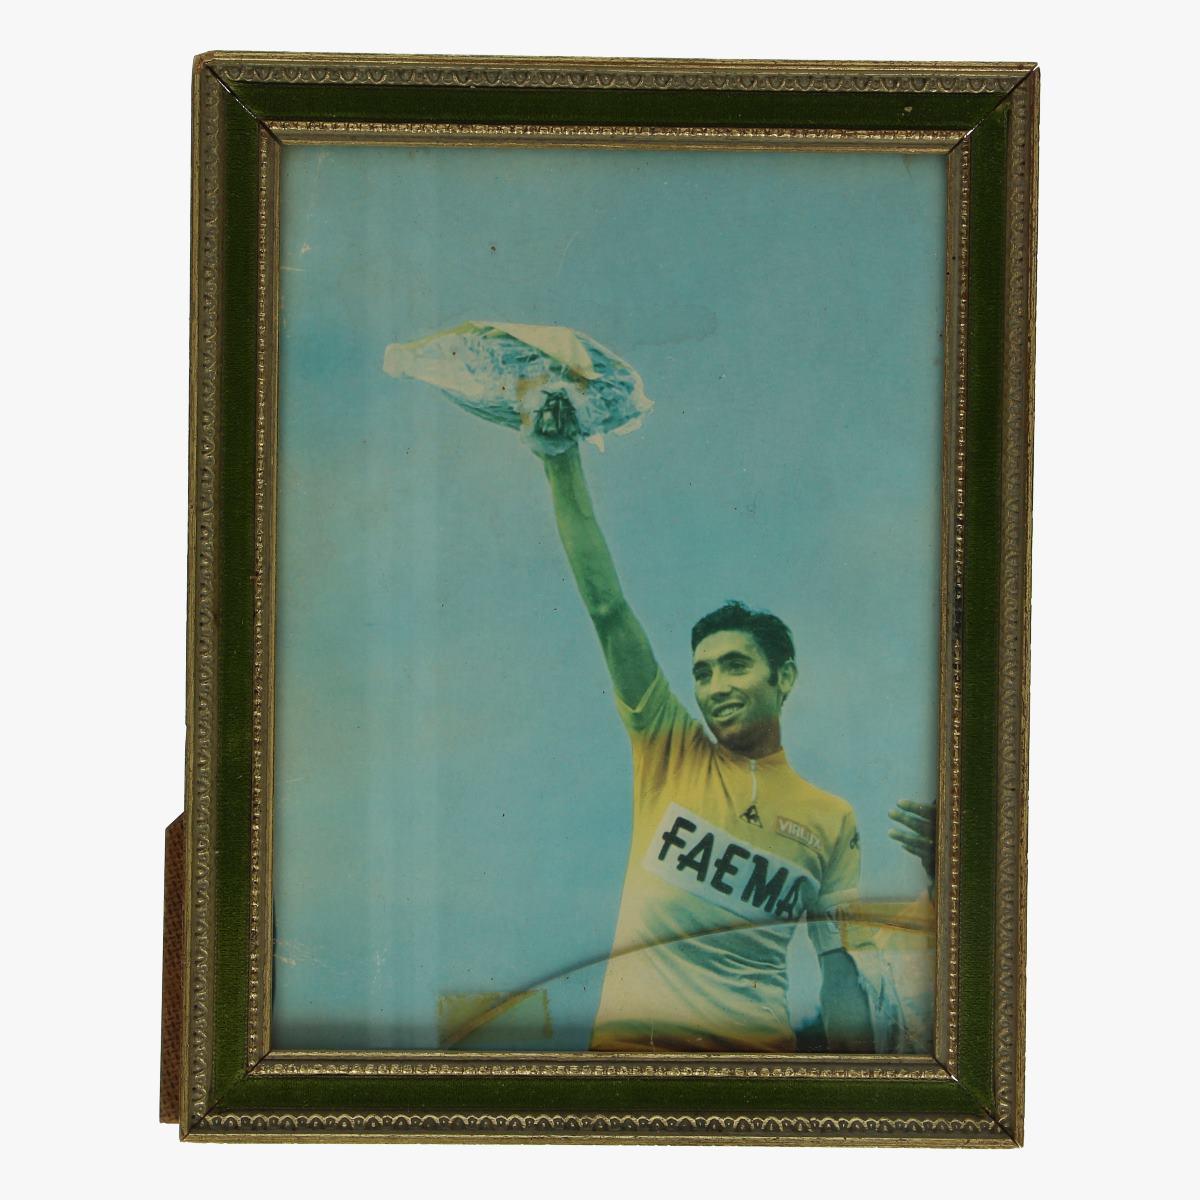 Afbeeldingen van wielrennen Oude kader Eddy merckx